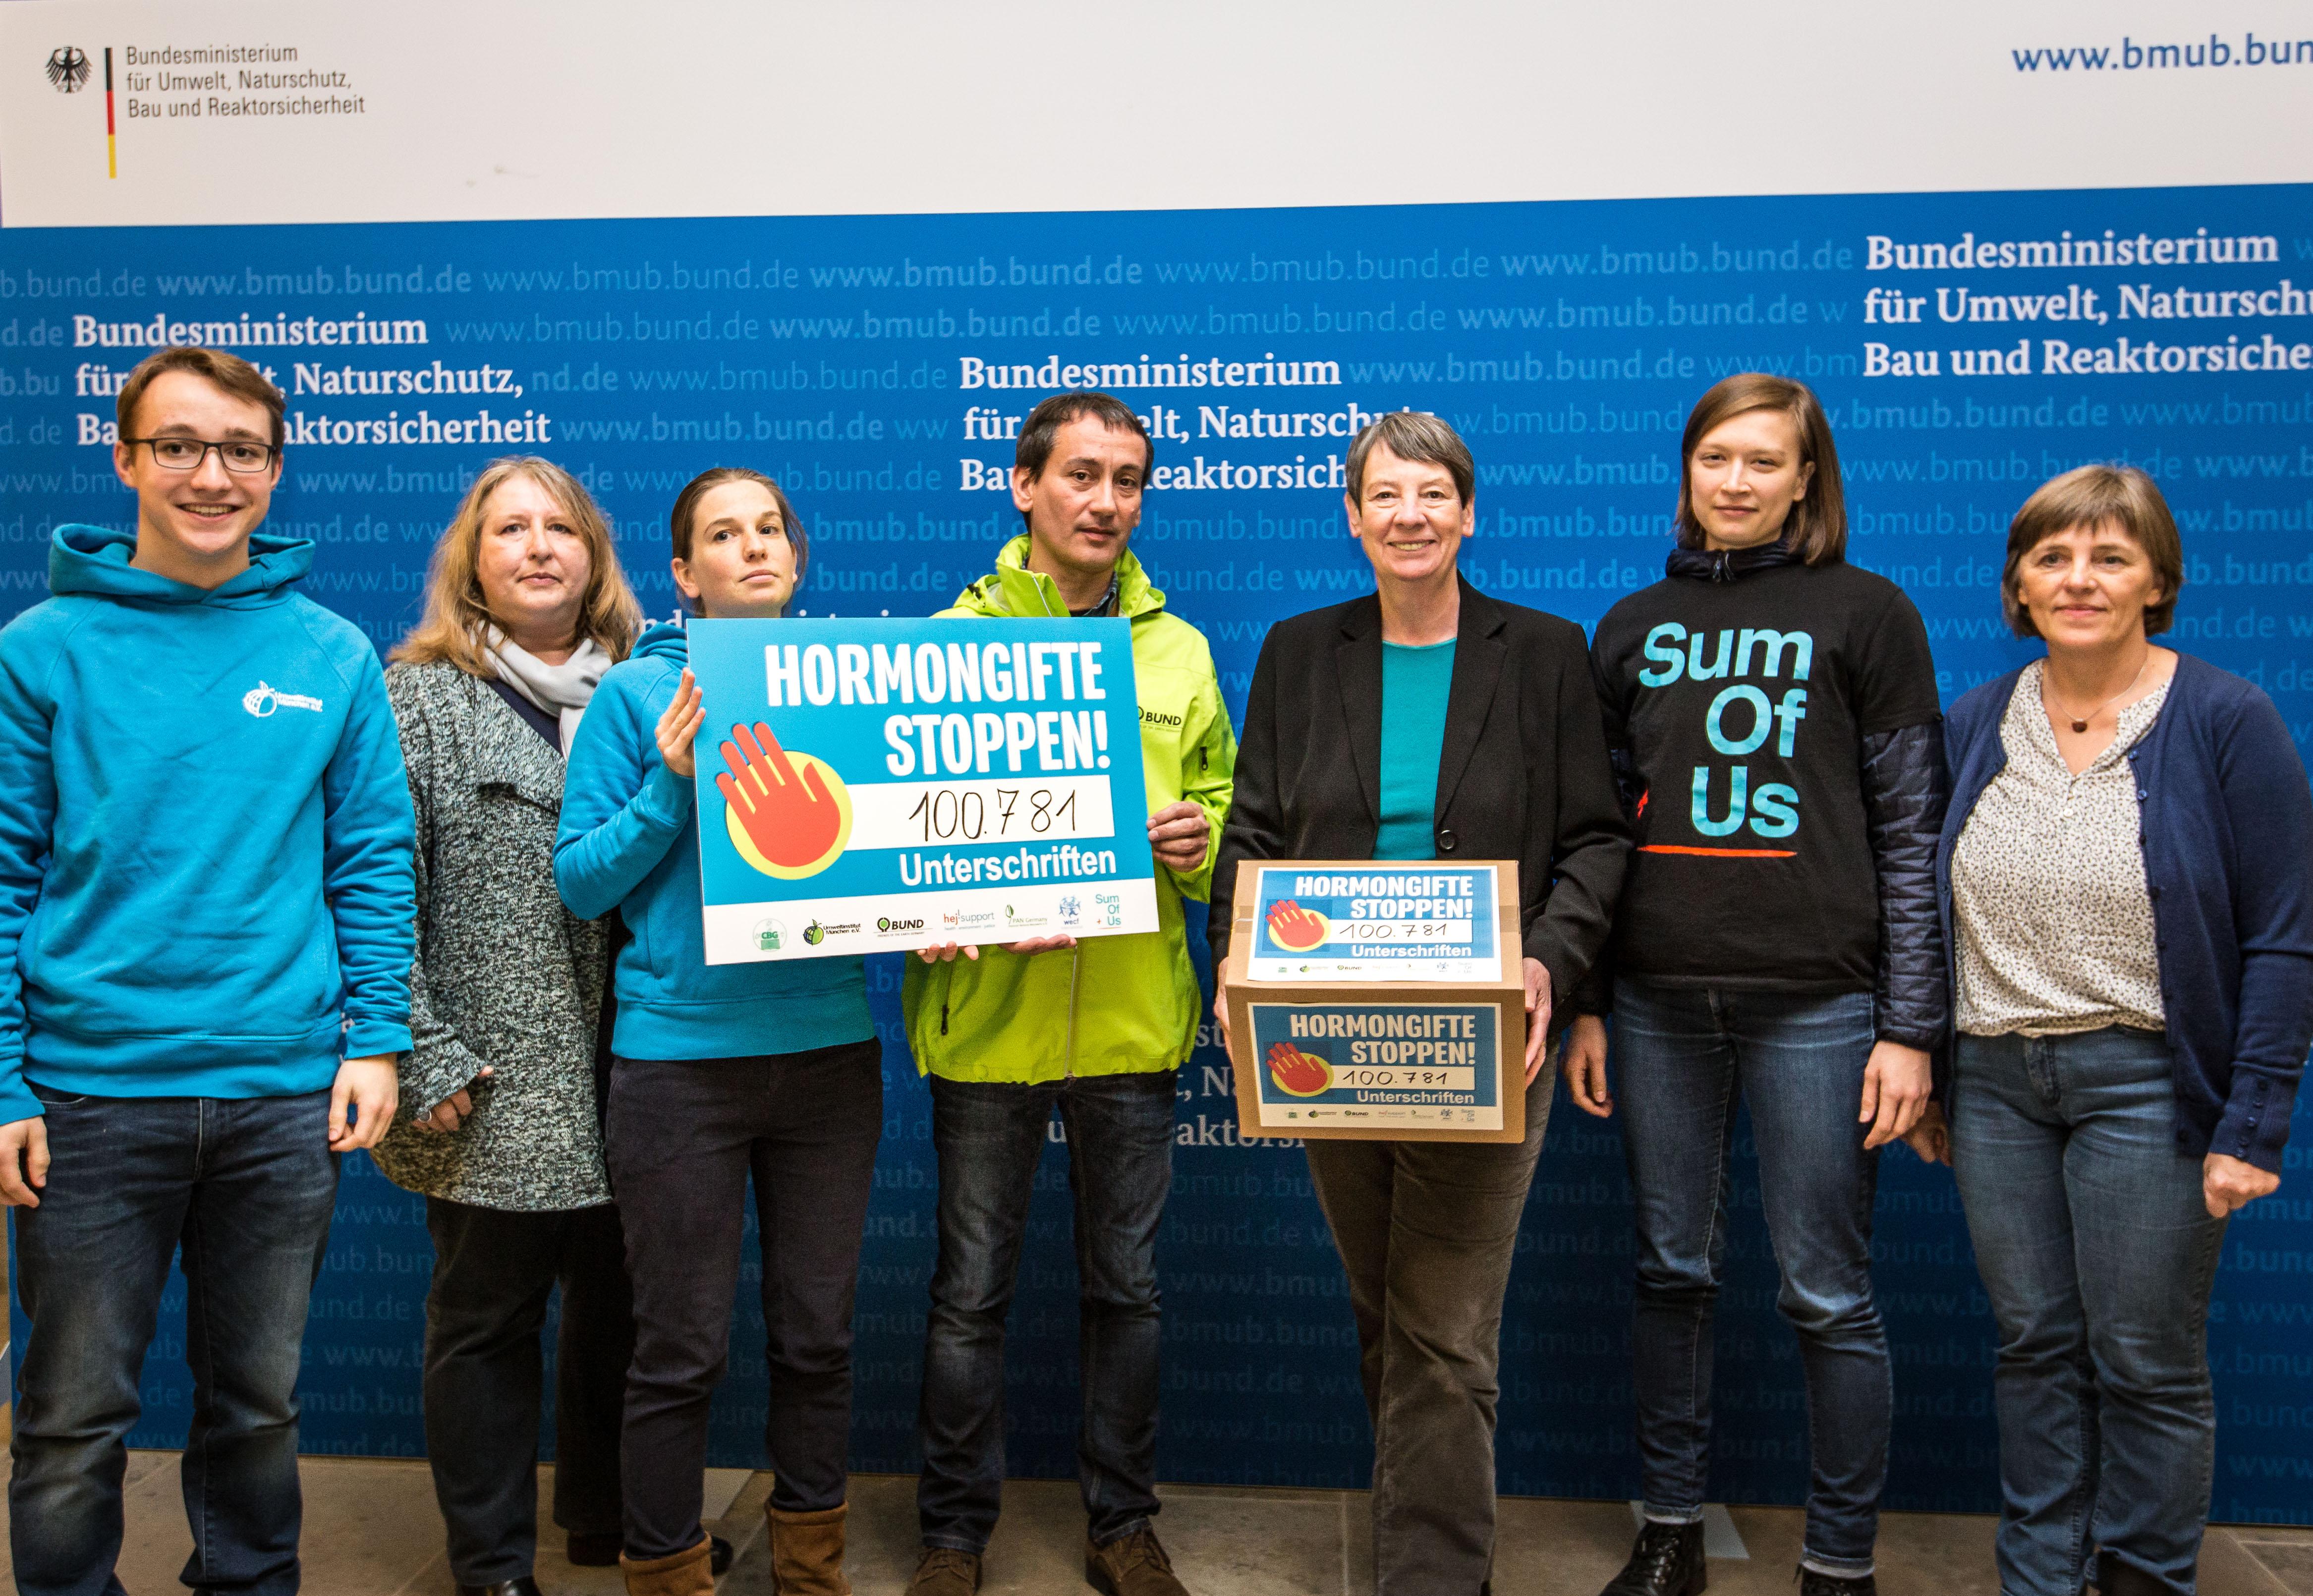 Stoppt hormonschädliche Chemikalien – NGO Bündnis übergibt mehr als 100.000 Unterschriften an Ministerin Hendricks